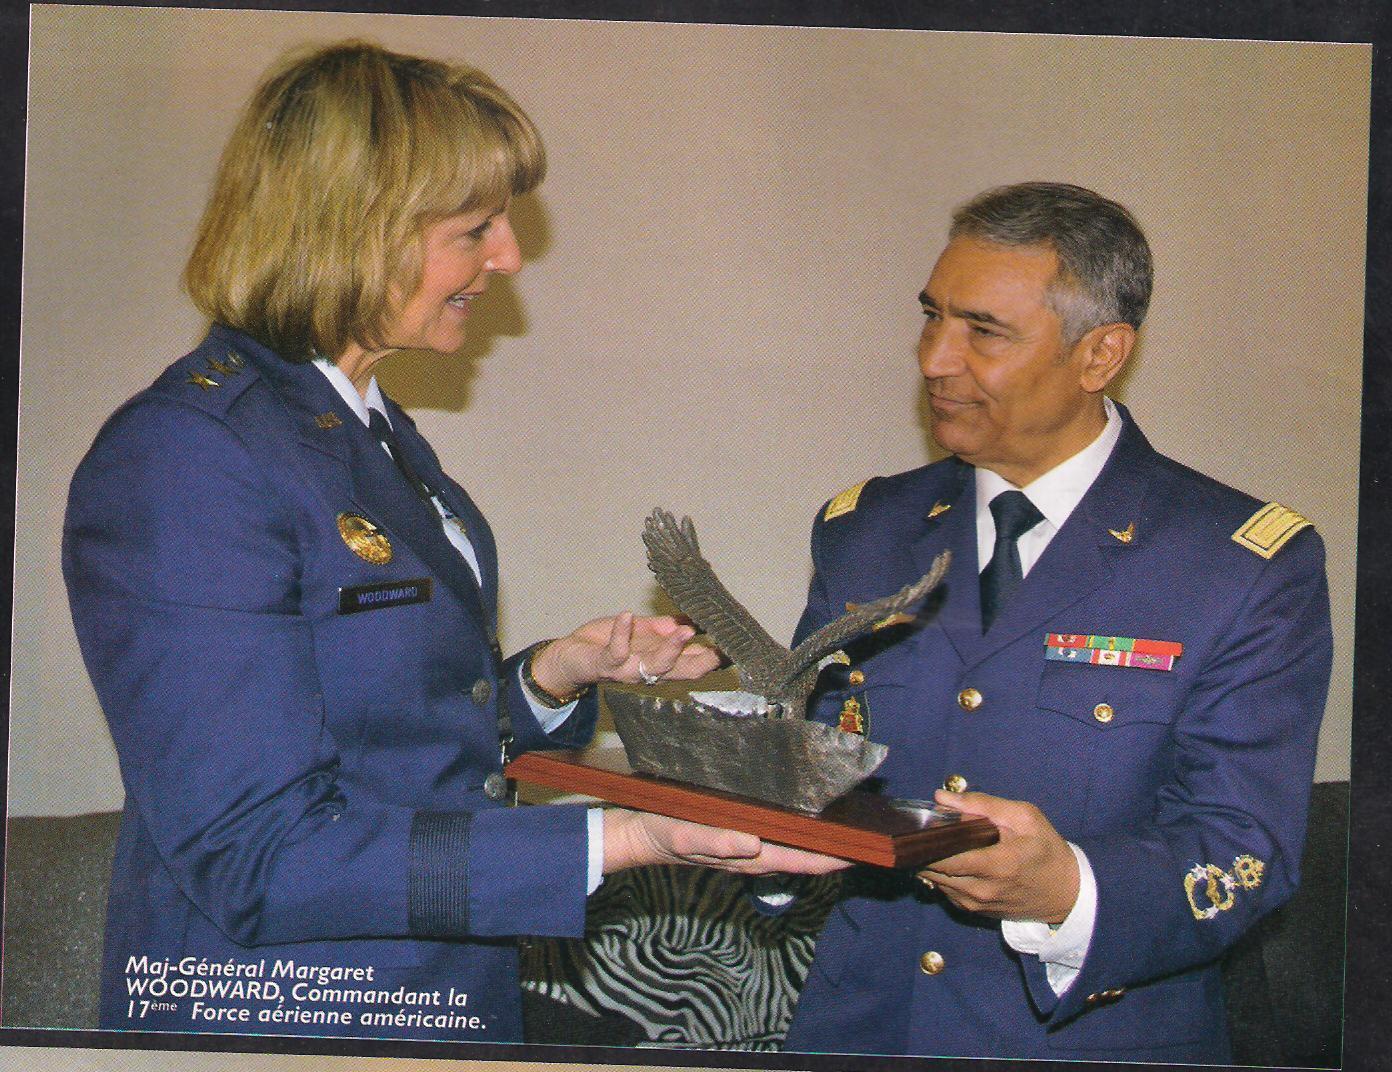 AeroExpo Marrakech 2012 / Marrakech Air Show 2012 - Page 5 2303766222